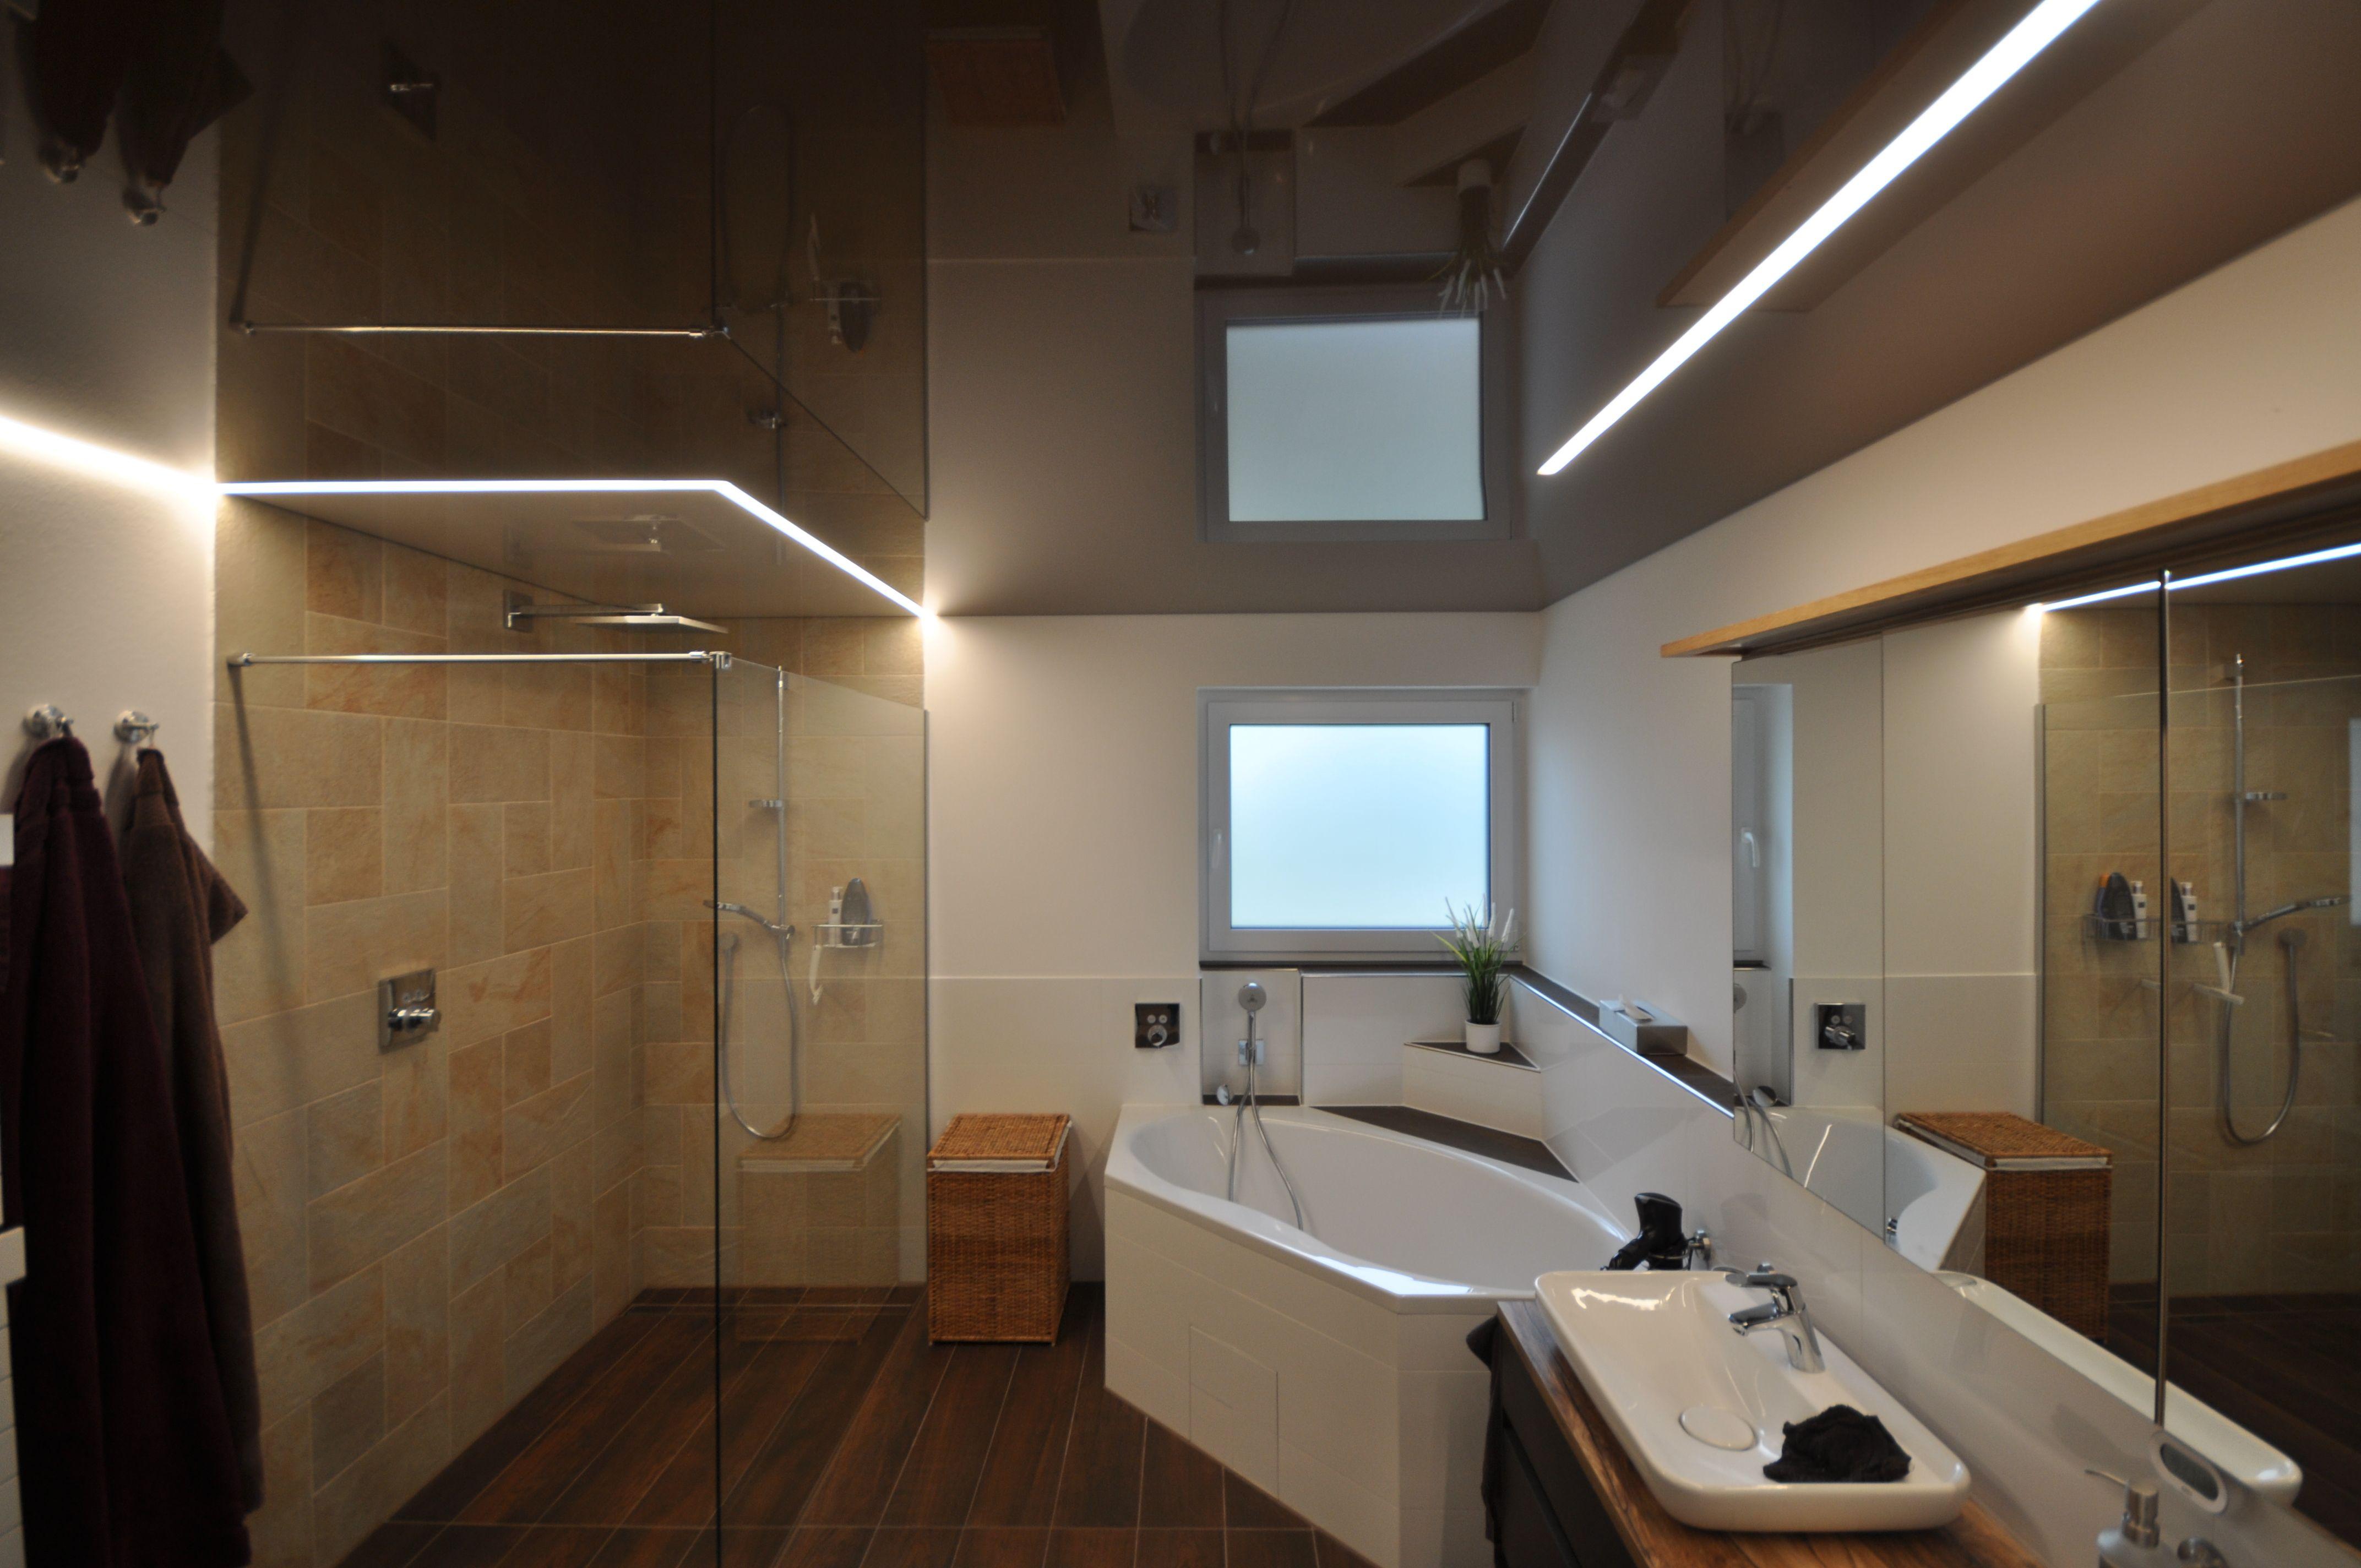 Spanndecke Im Badezimmer In 2020 Dusche Beleuchtung Spanndecken Badbeleuchtung